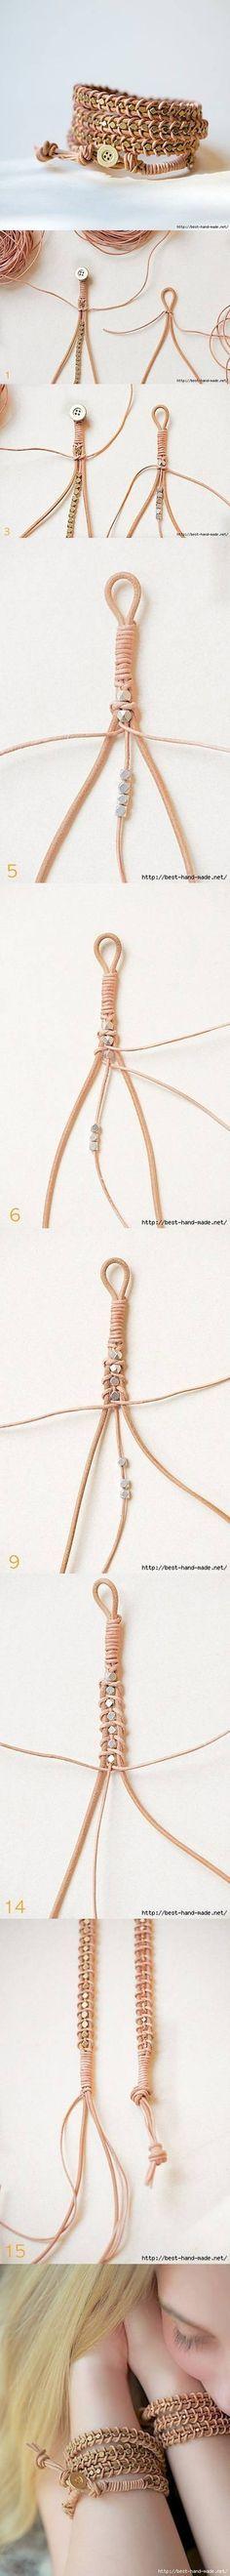 DIY Quick and Easy Braid Bracelet fashion bracelet diy diy ideas diy crafts do it yourself crafty